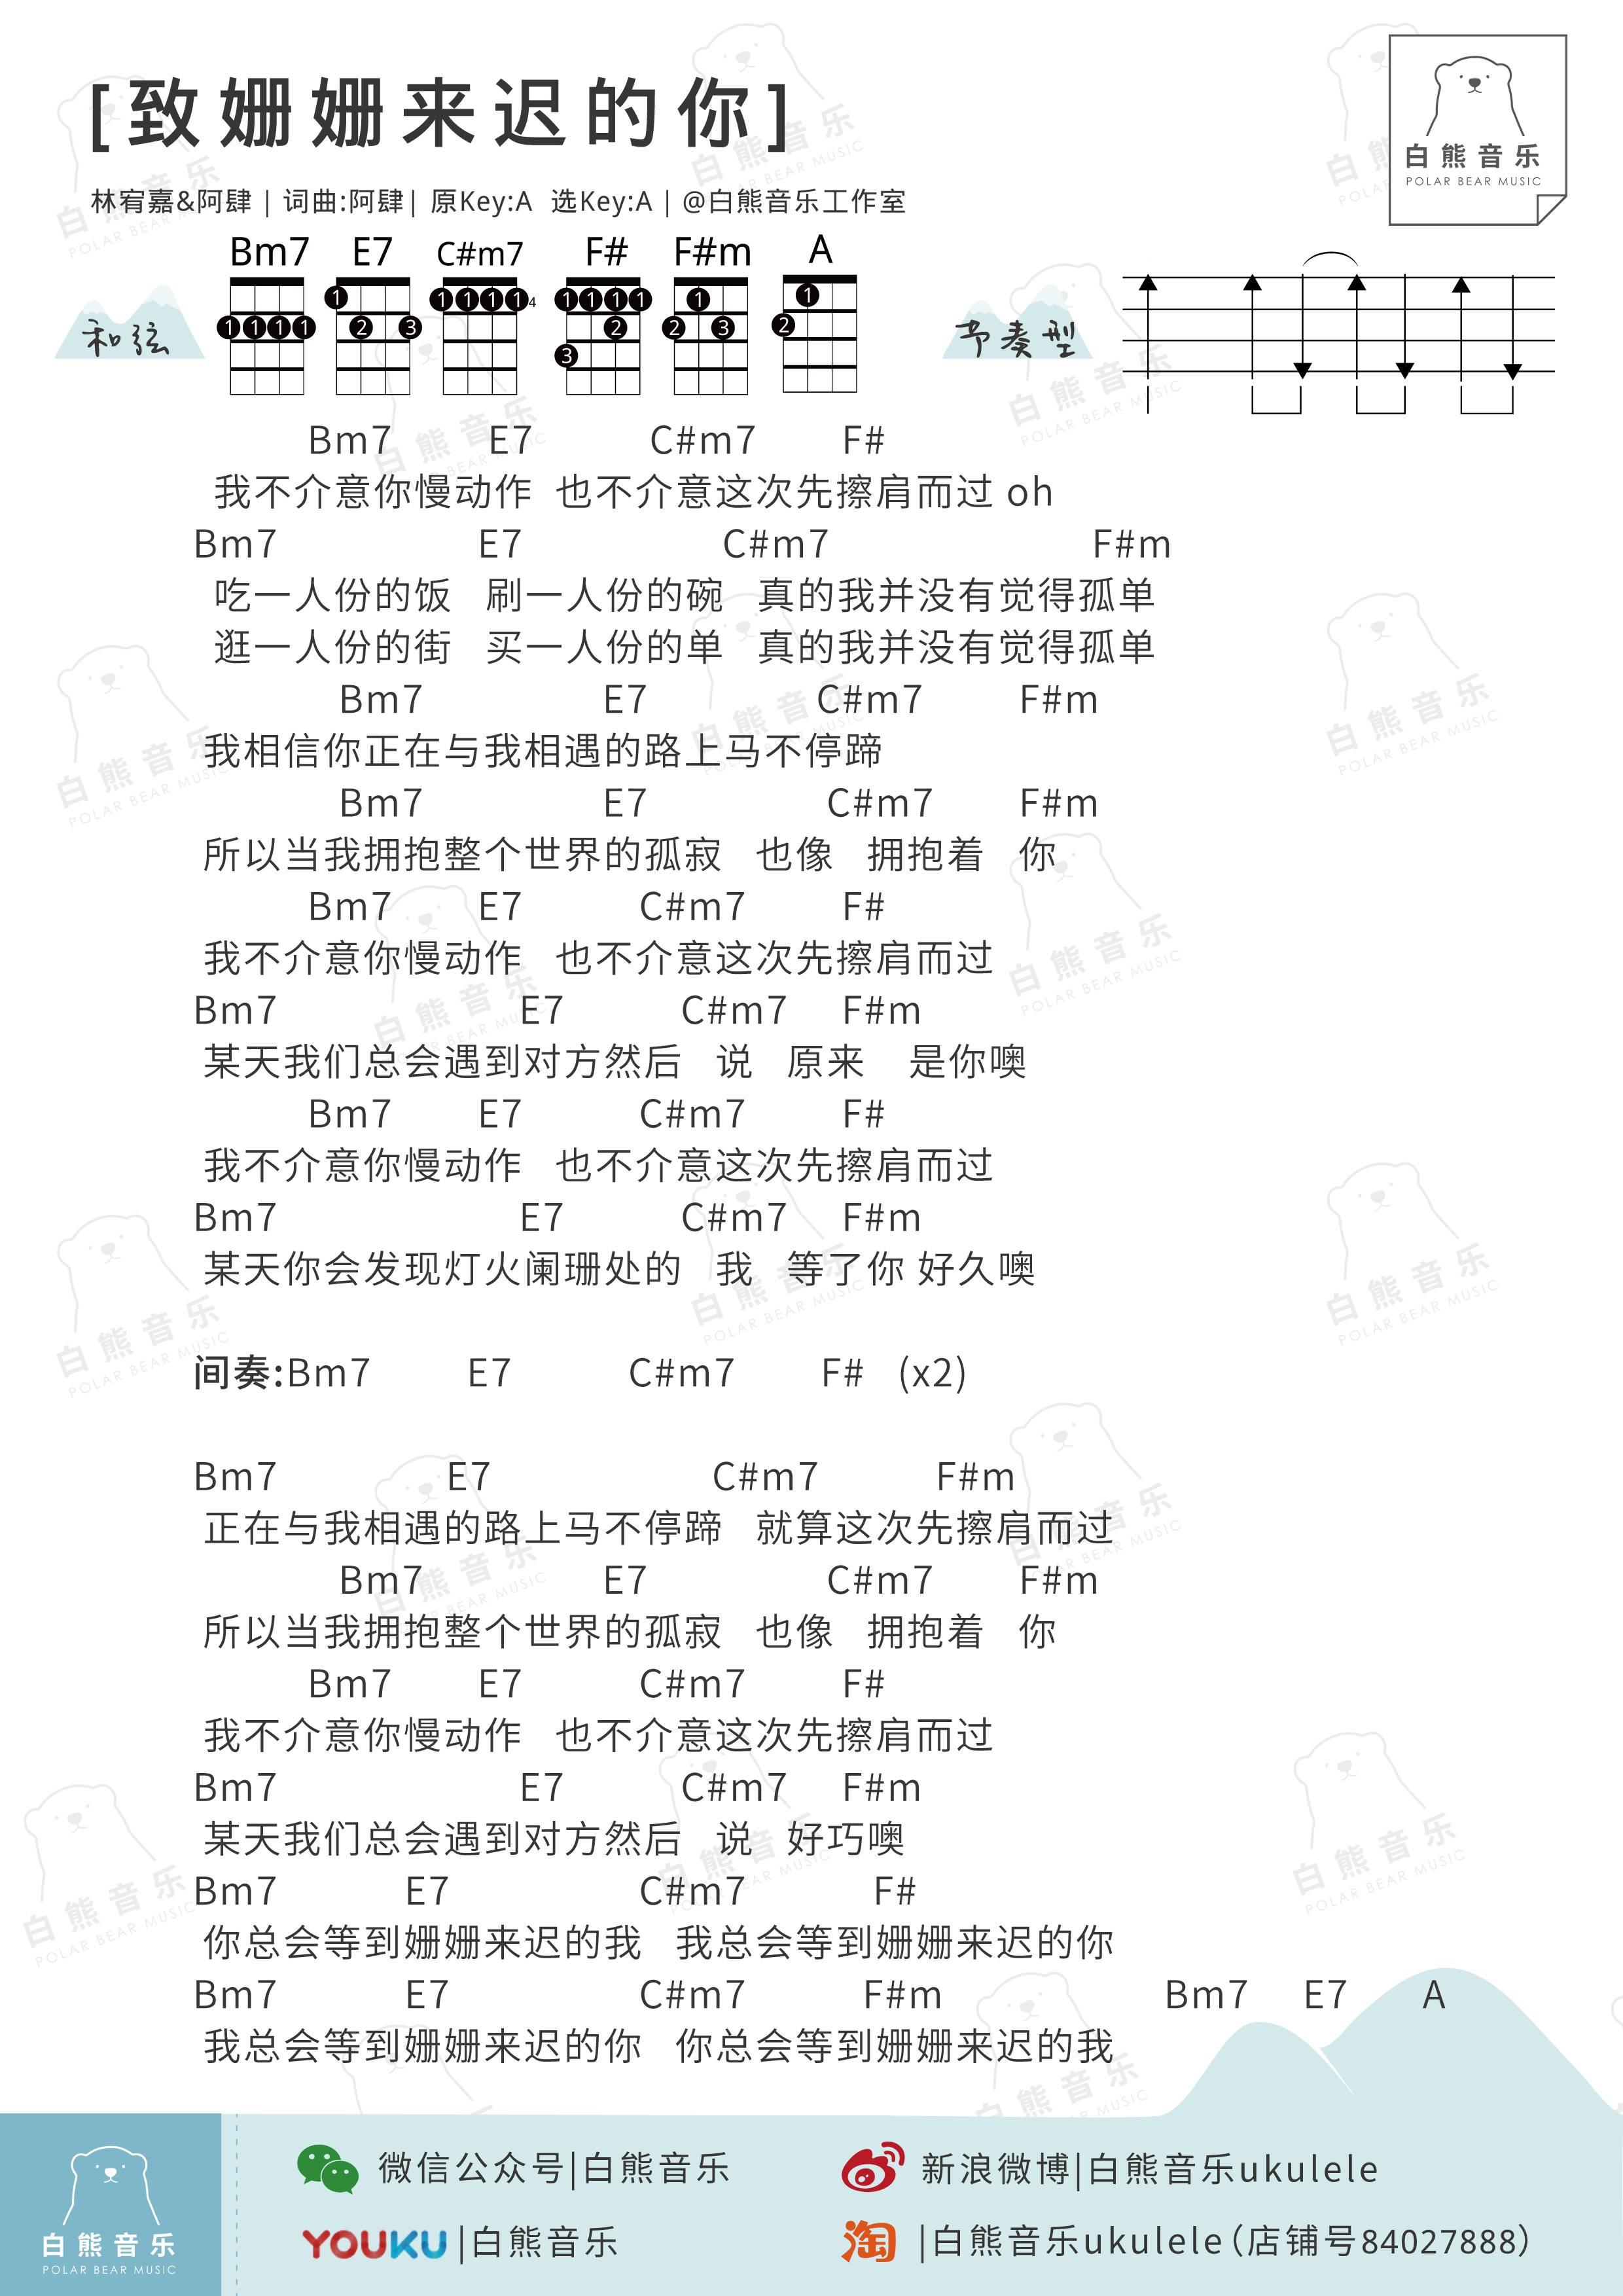 娱乐 正文  尤克里里教学&歌谱  have ukulele have fun!